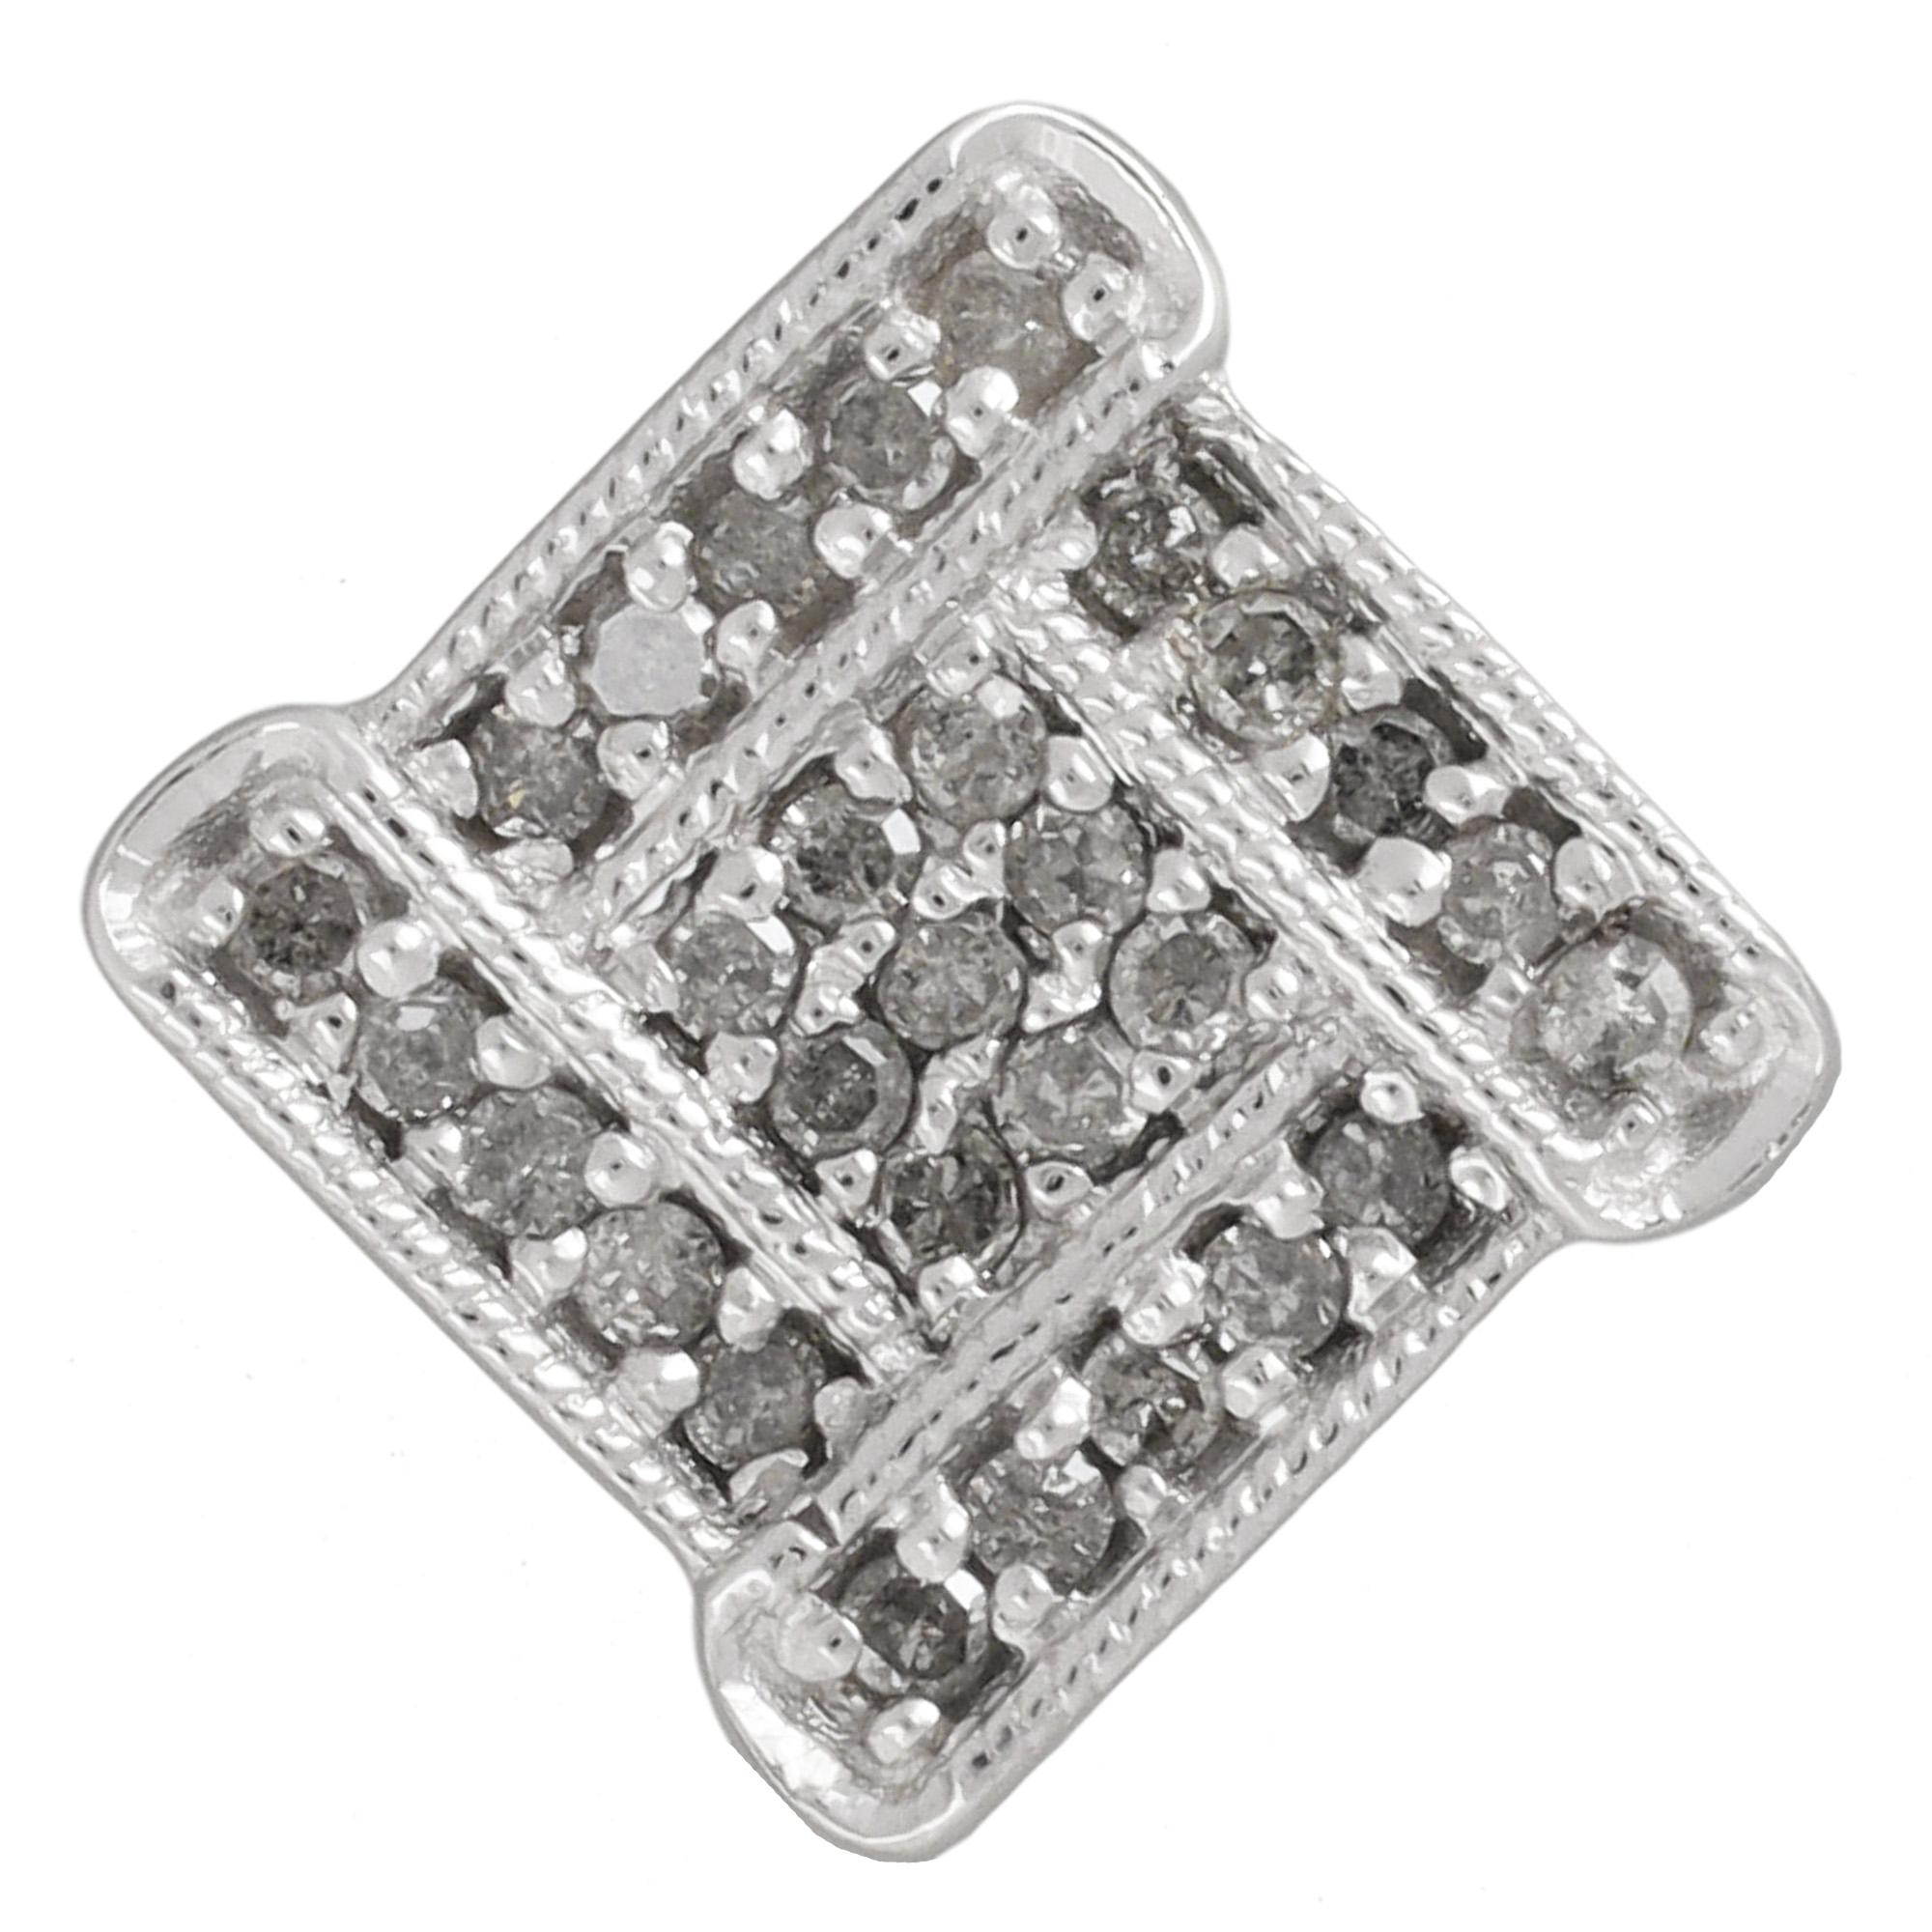 Damen-Halskette-echt-Silber-925-Sterling-rhodiniert-mit-Diamanten-45-cm-lang